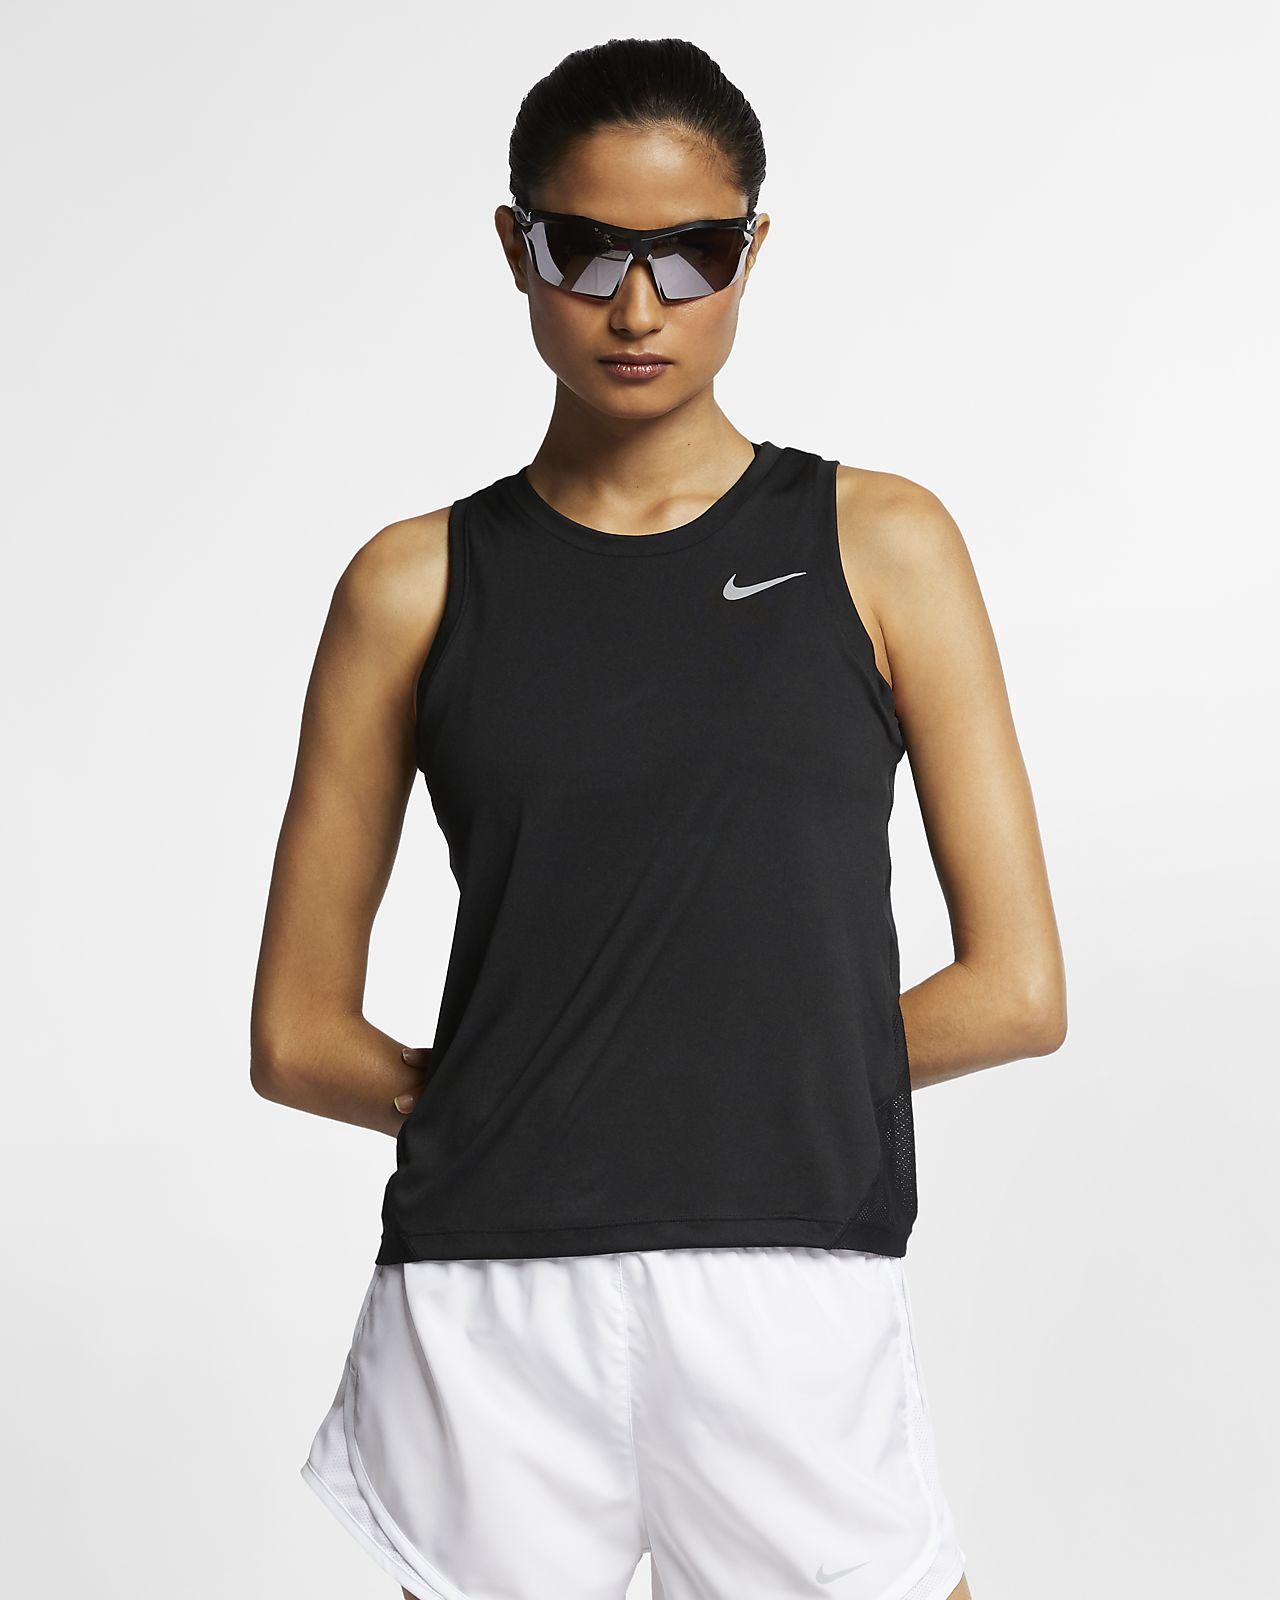 Nike - Débardeur - 1